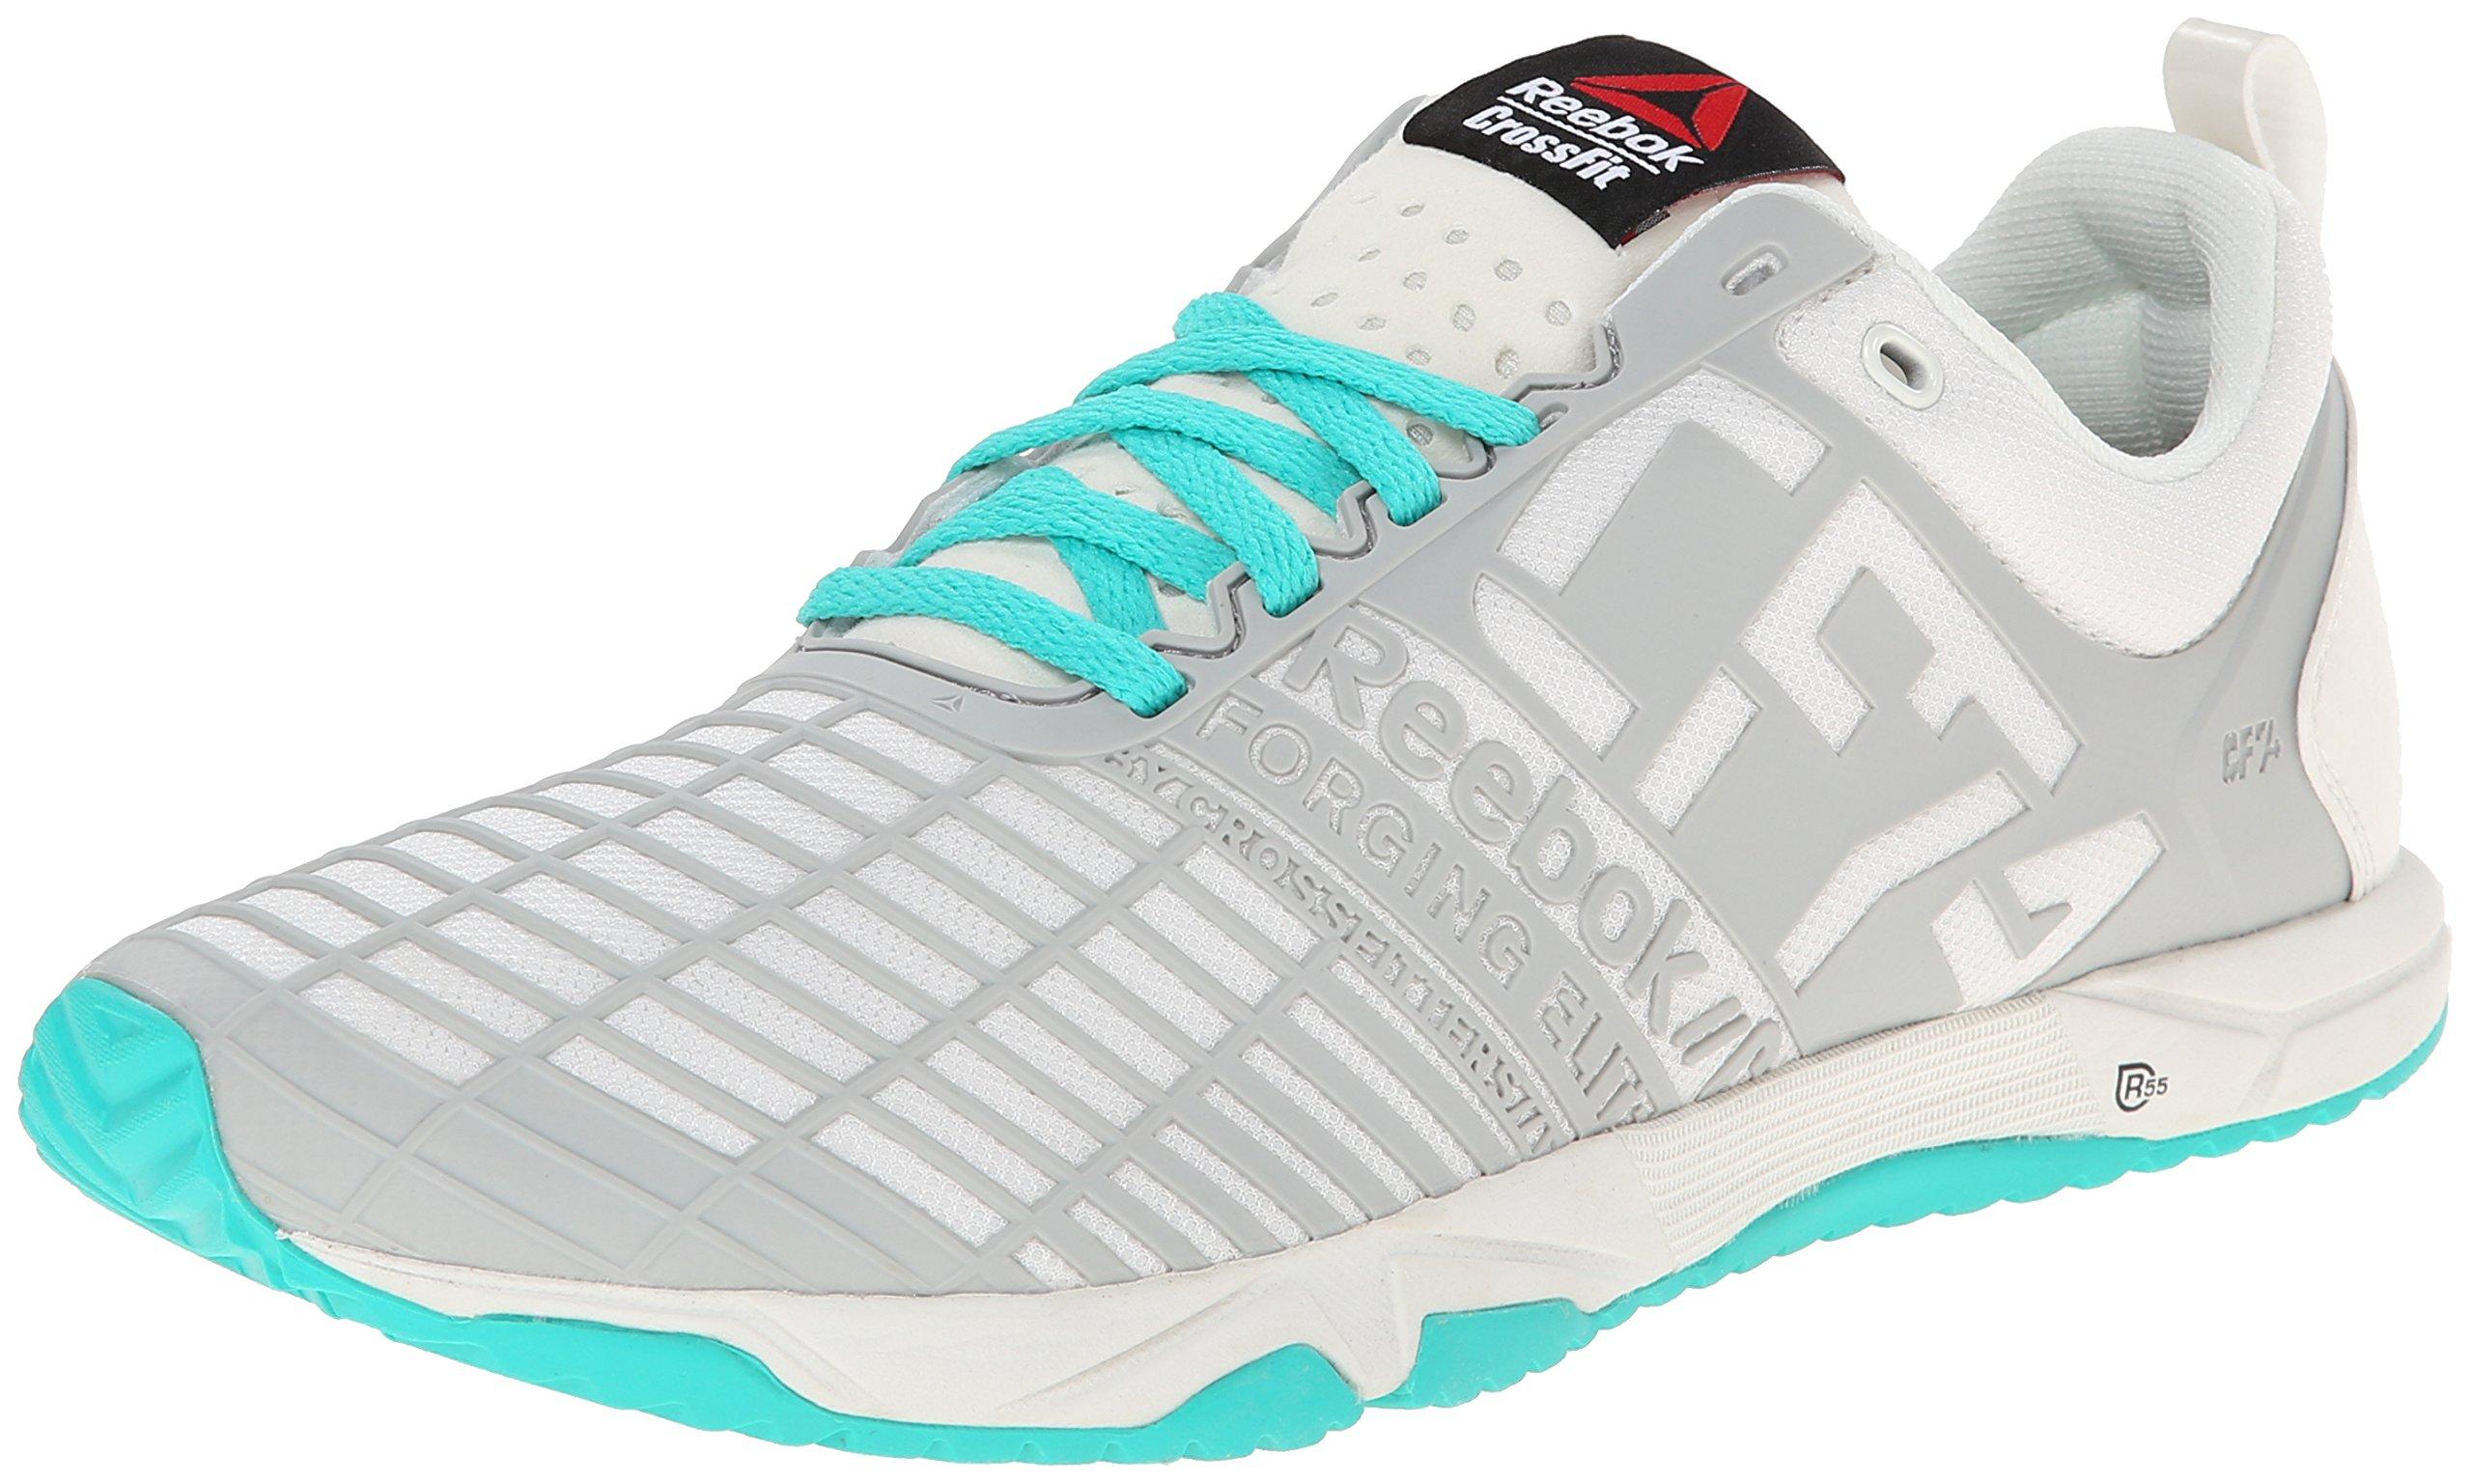 Reebok Women's Crossfit Sprint TR Training Shoe, Chalk/Steel/Timeless Teal, 10 M US